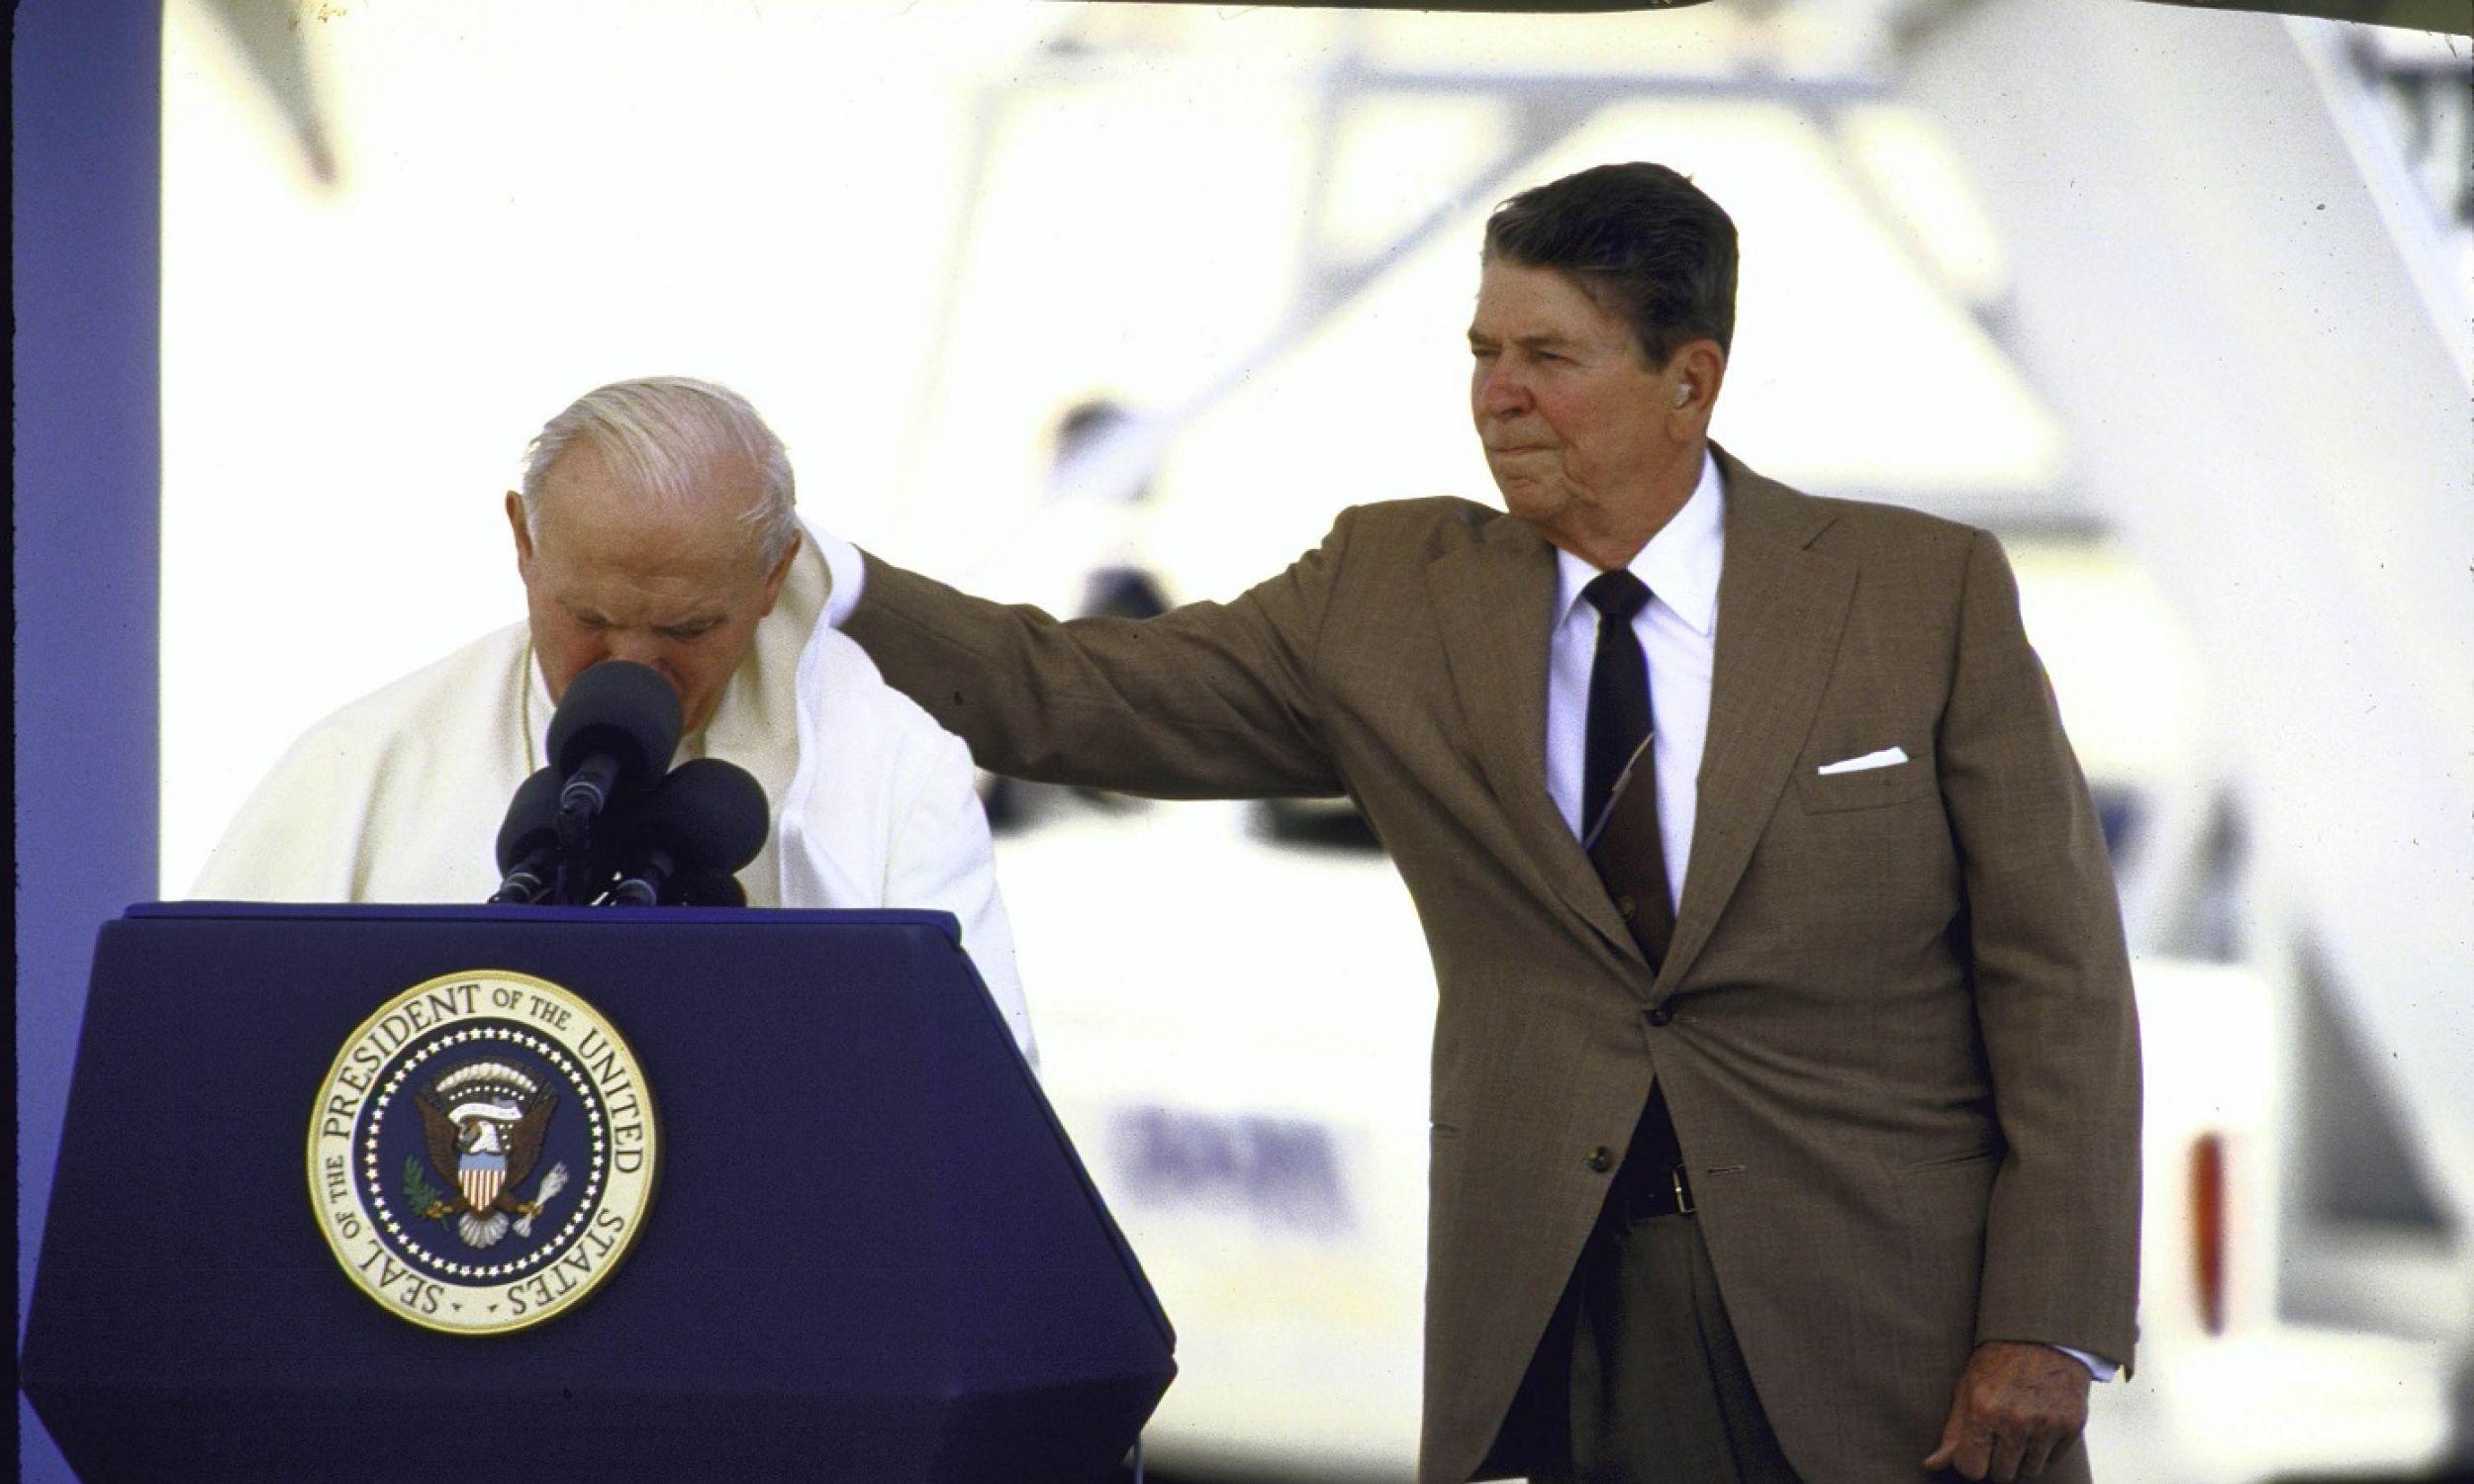 Jan Paweł II przemawia podczas swej pielgrzymki do USA w 1987 r., a prezydent Ronald W. Reagan łapie piuske, którą wiatr zwiał papieżowi z głowy,Fot. Dirck Halstead / The LIFE Images Collection via Getty Images / Getty Images)